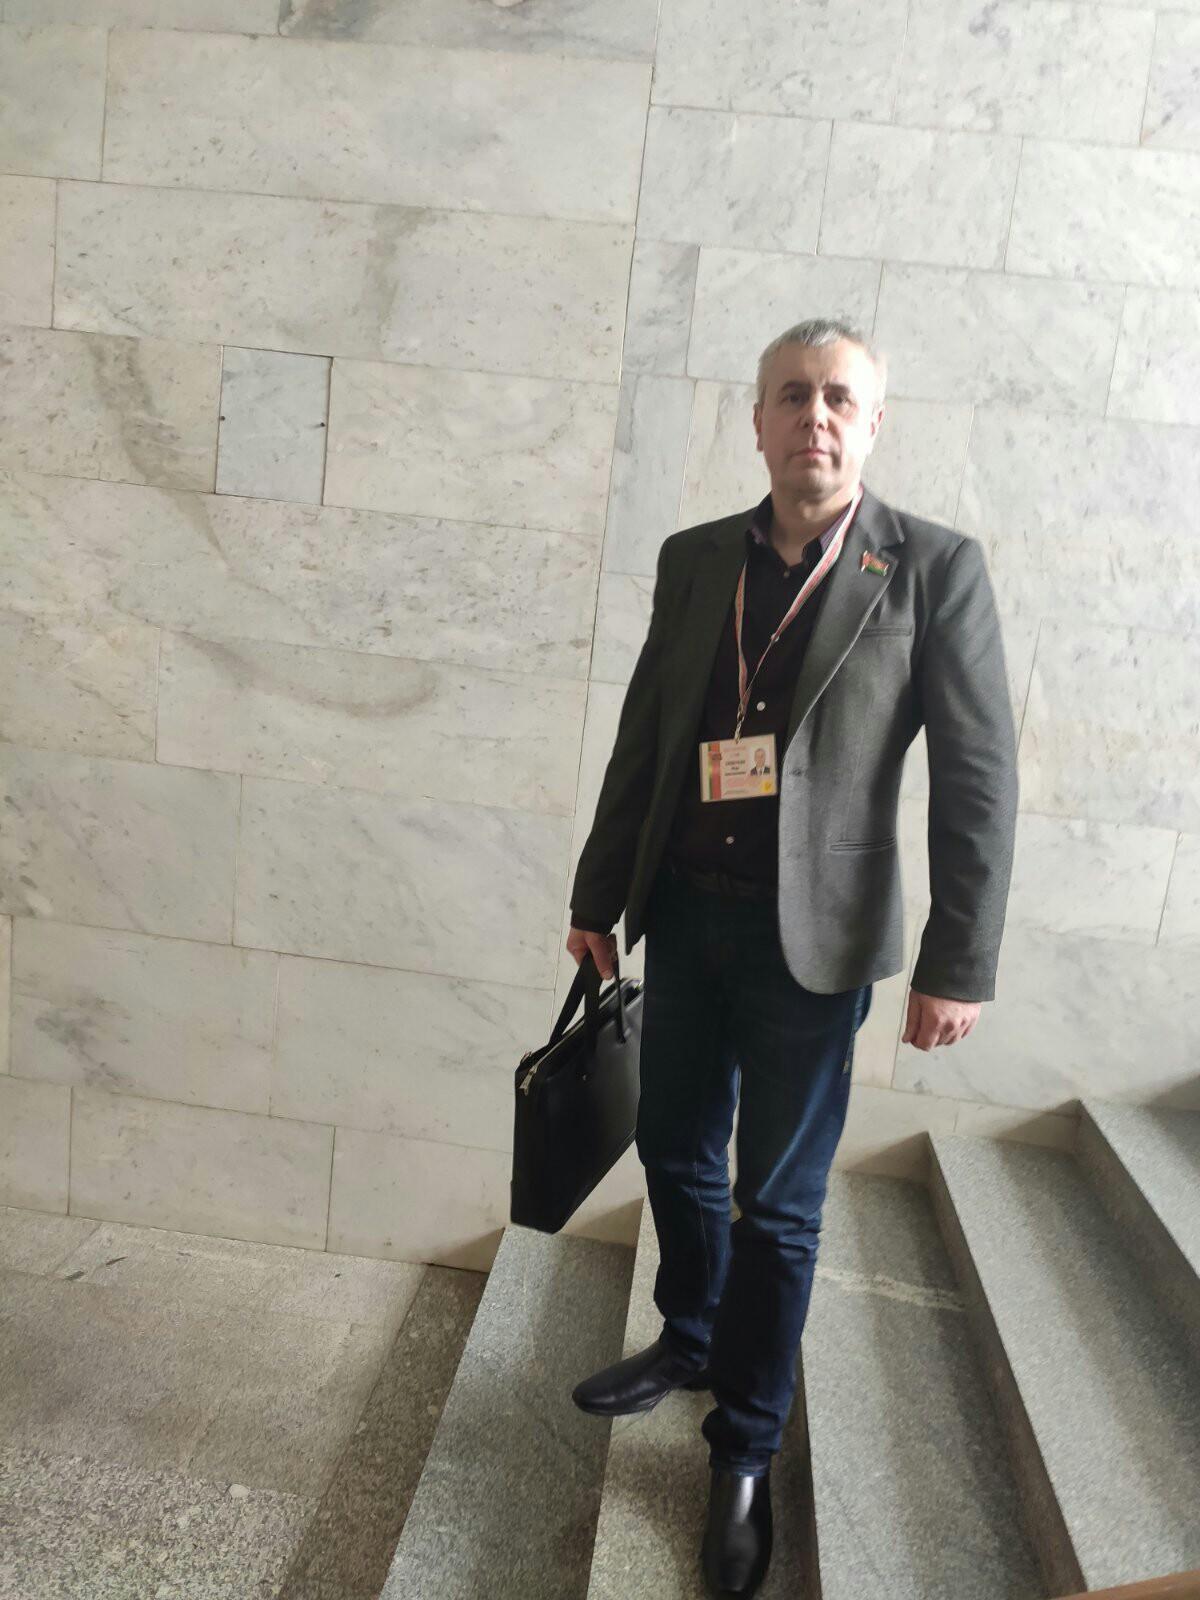 Игорь Хлобукин. Фото: страница Игоря Хлобукина в соцсети «ВКонтакте»